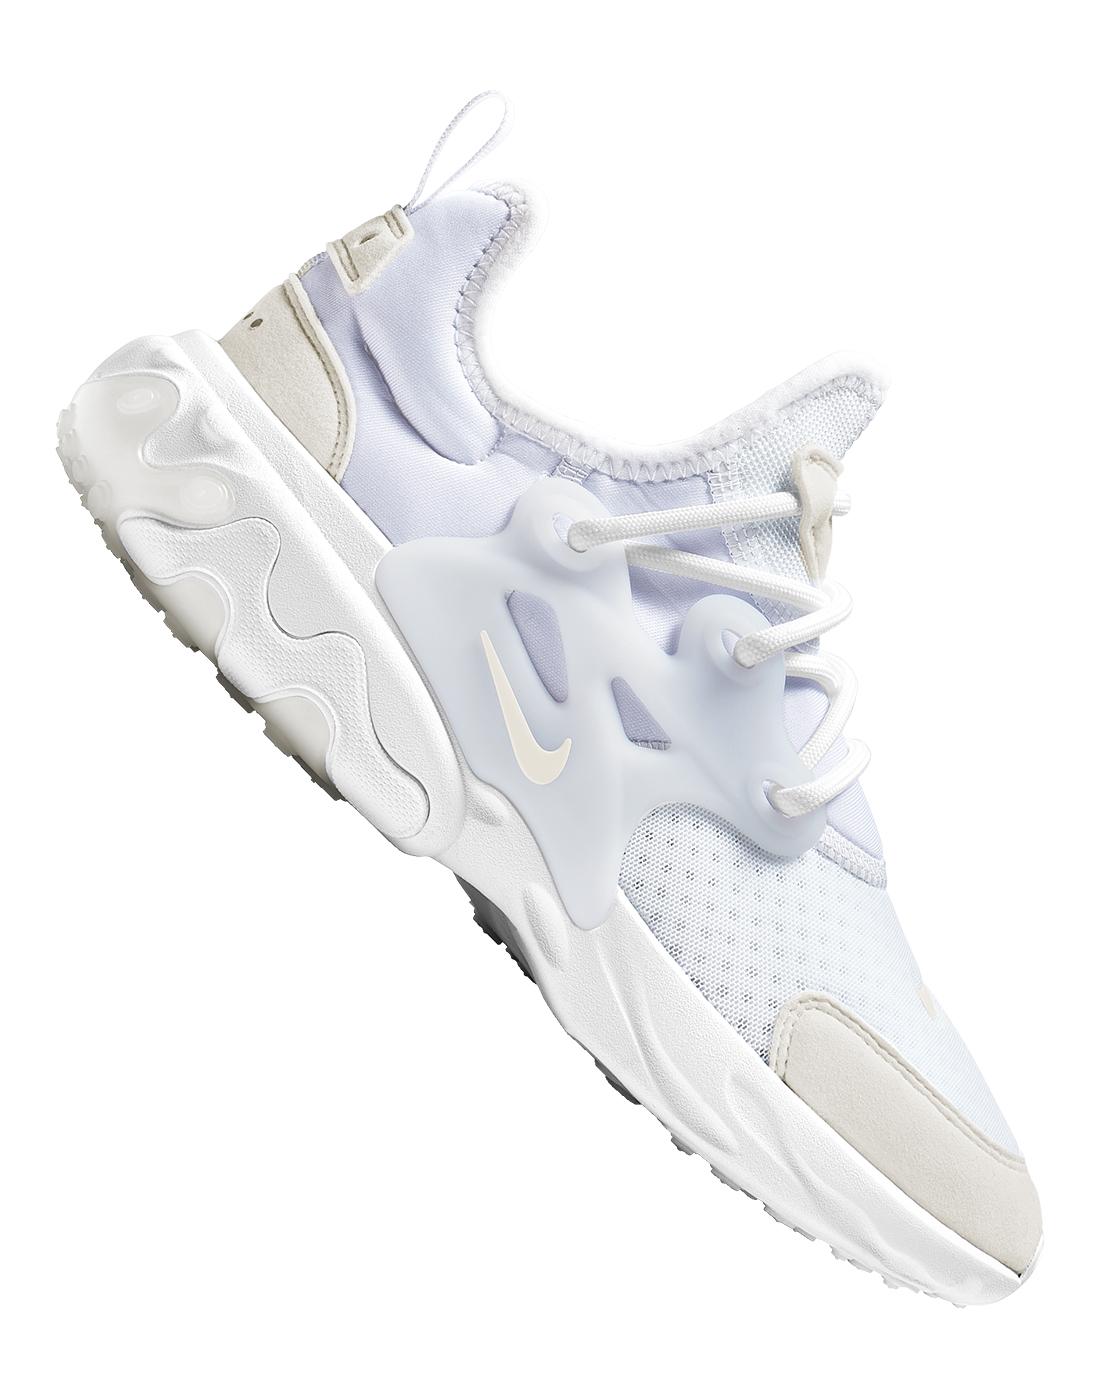 Nike Older Kids React Presto - White